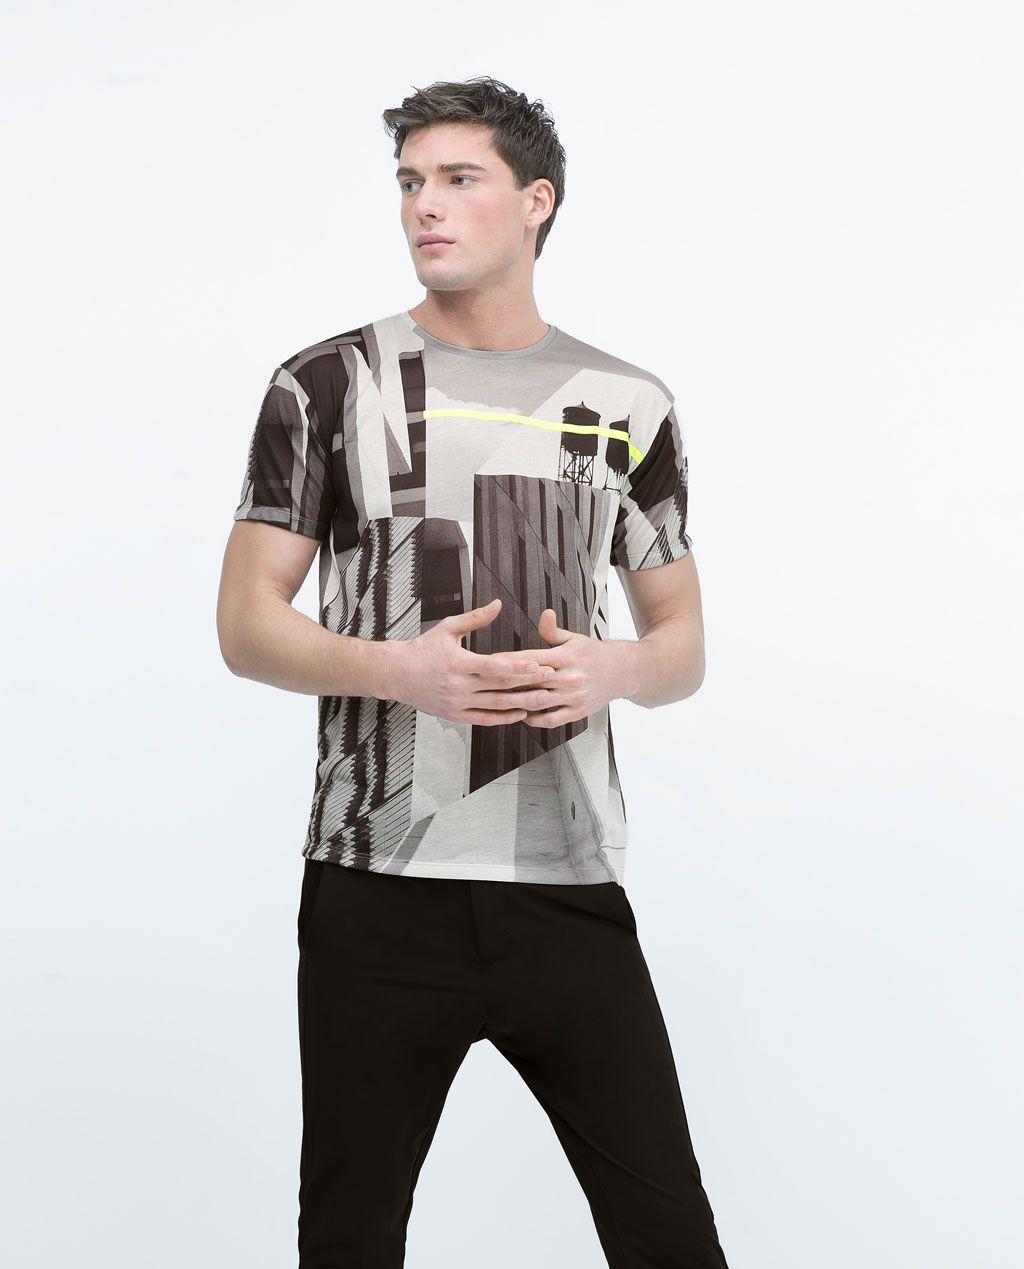 B7gyf6 Camisetas Manga Cortamens Stuff Zara Eie2wbhyd9 Hombre Camiseta I6bfYyvg7